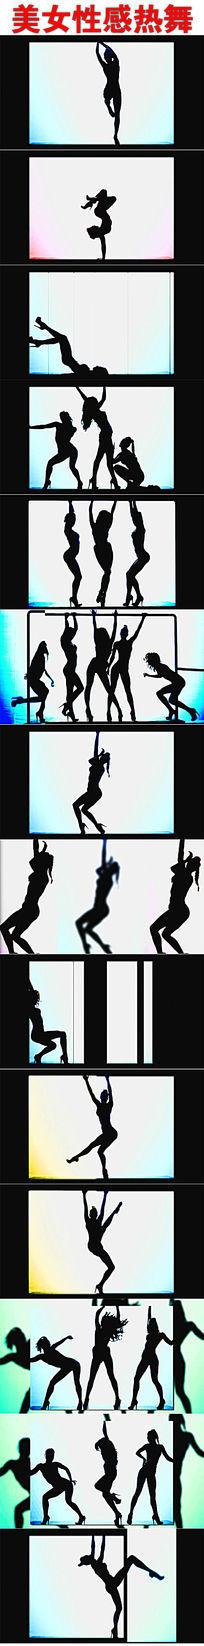 性感美女热舞视频素材 mpg